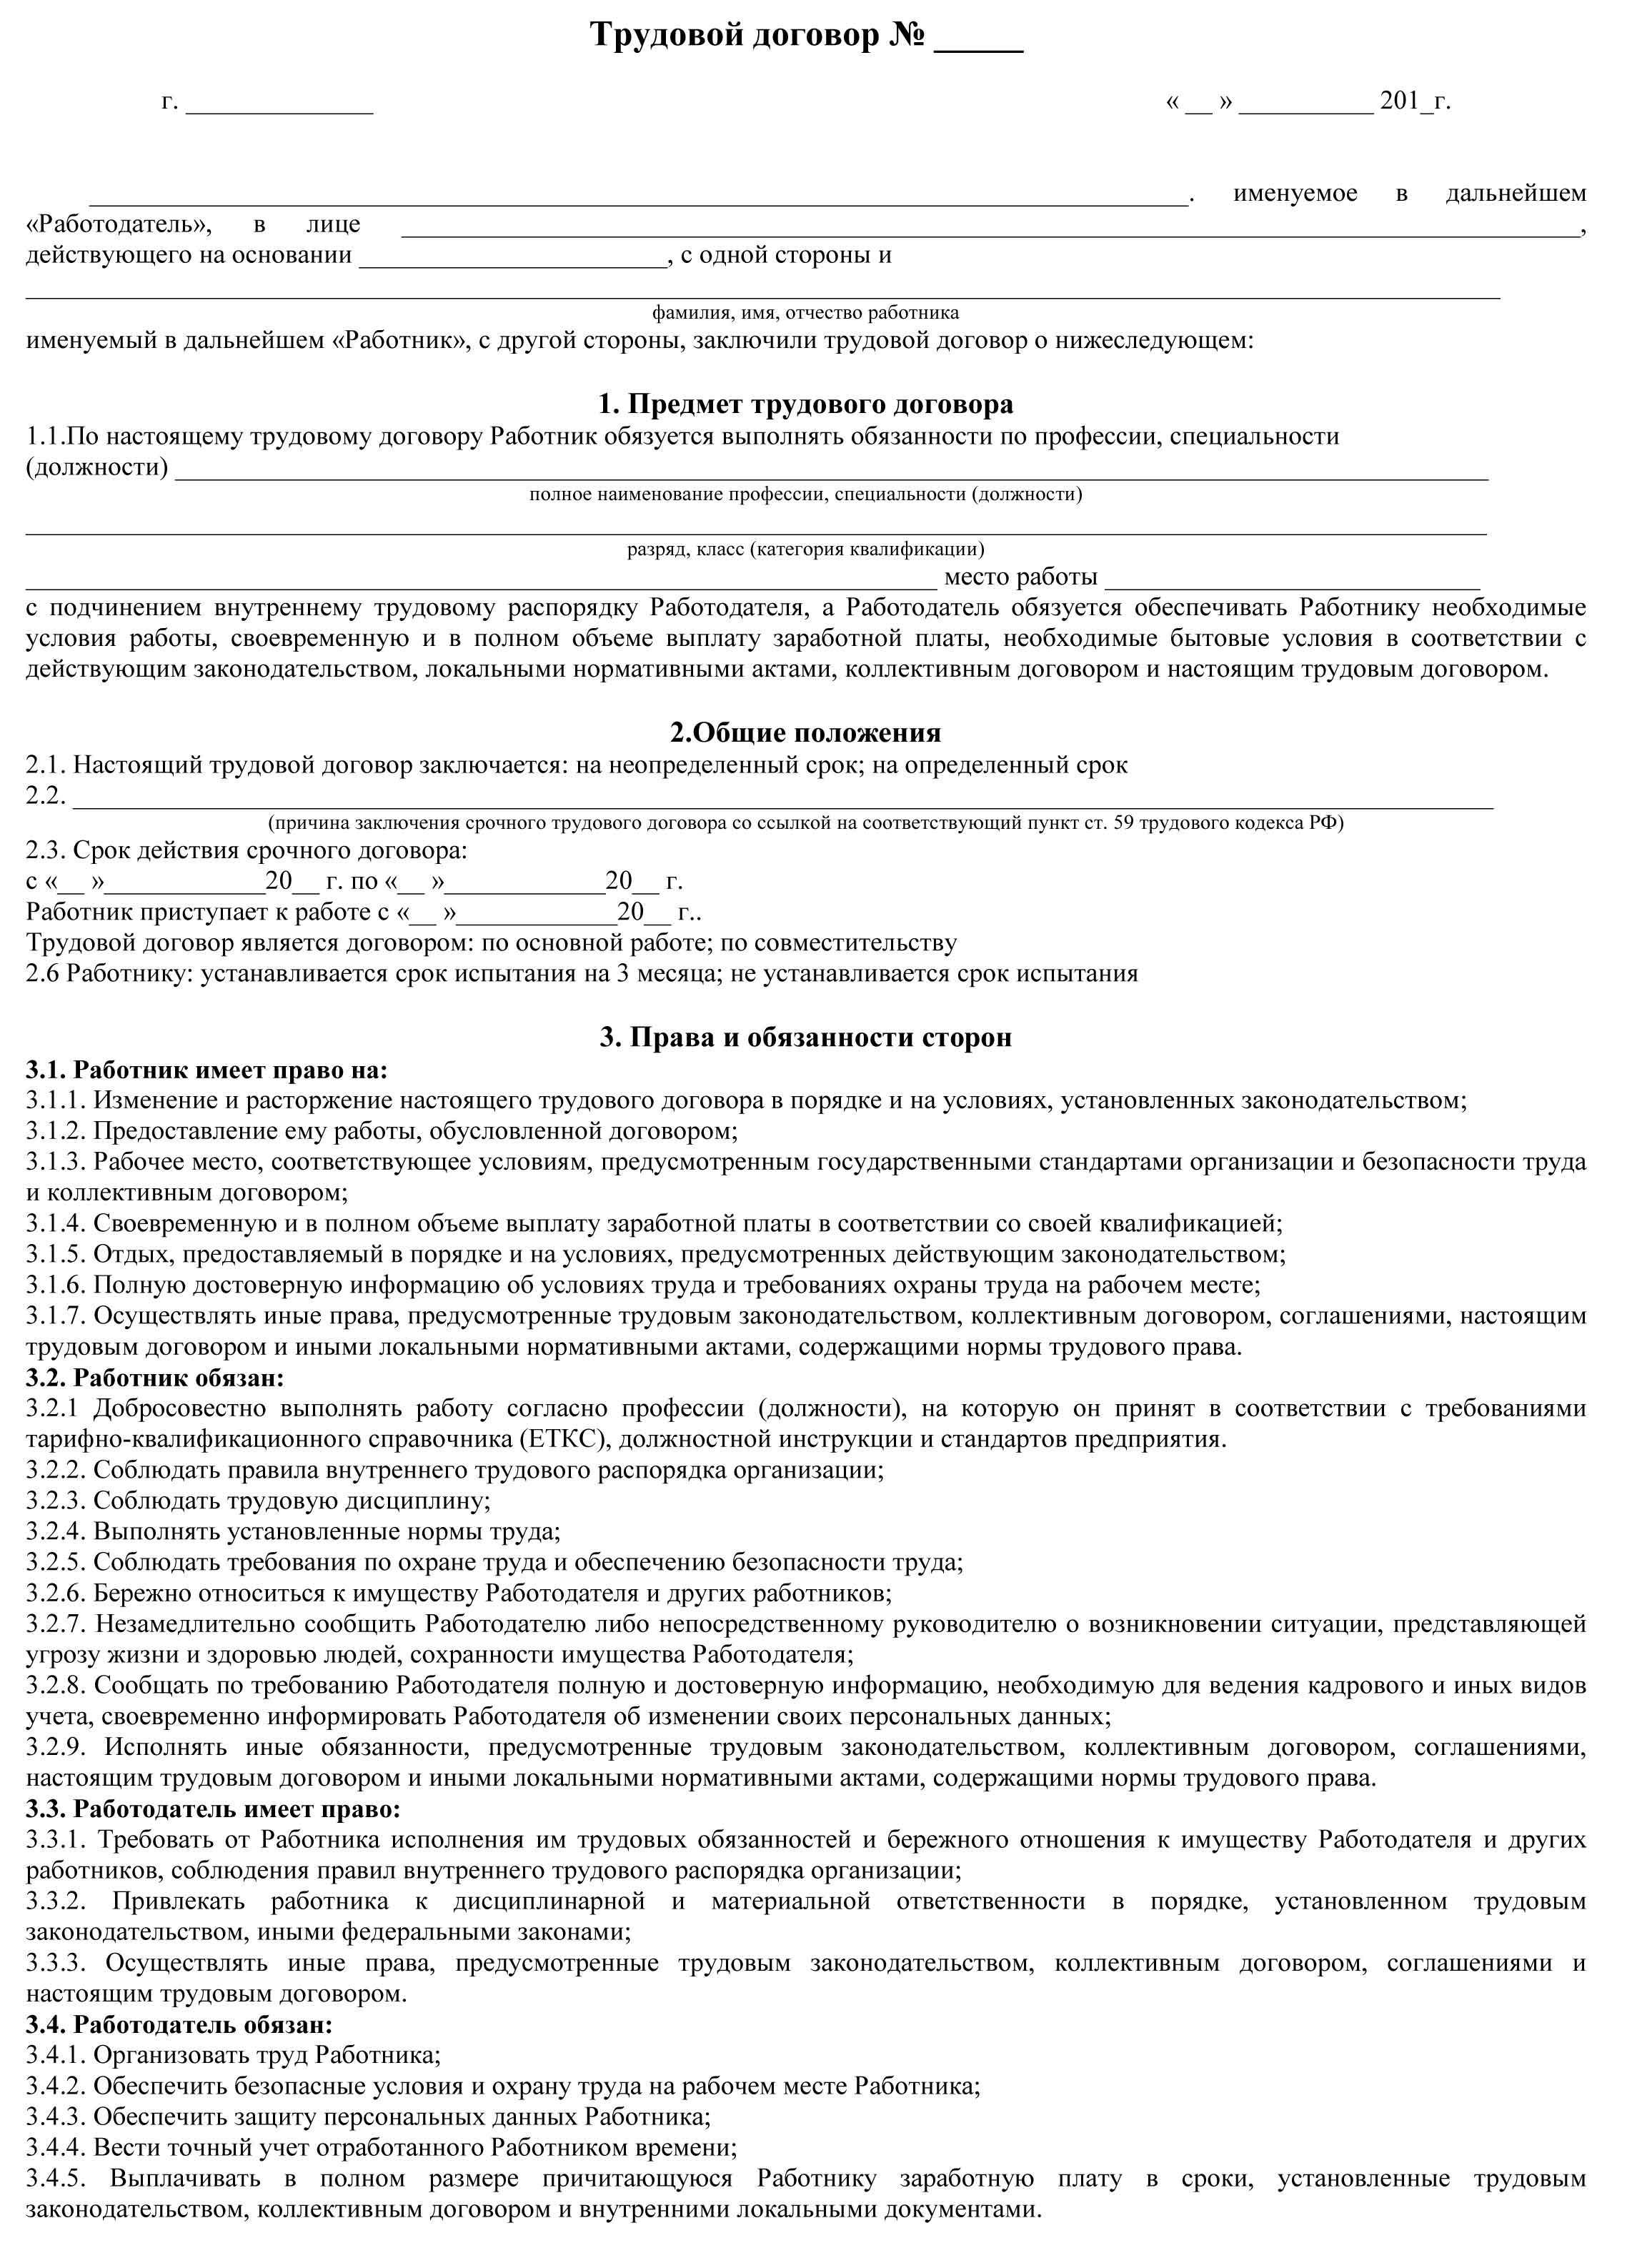 4.-Бланк-трудового-договора---стр1